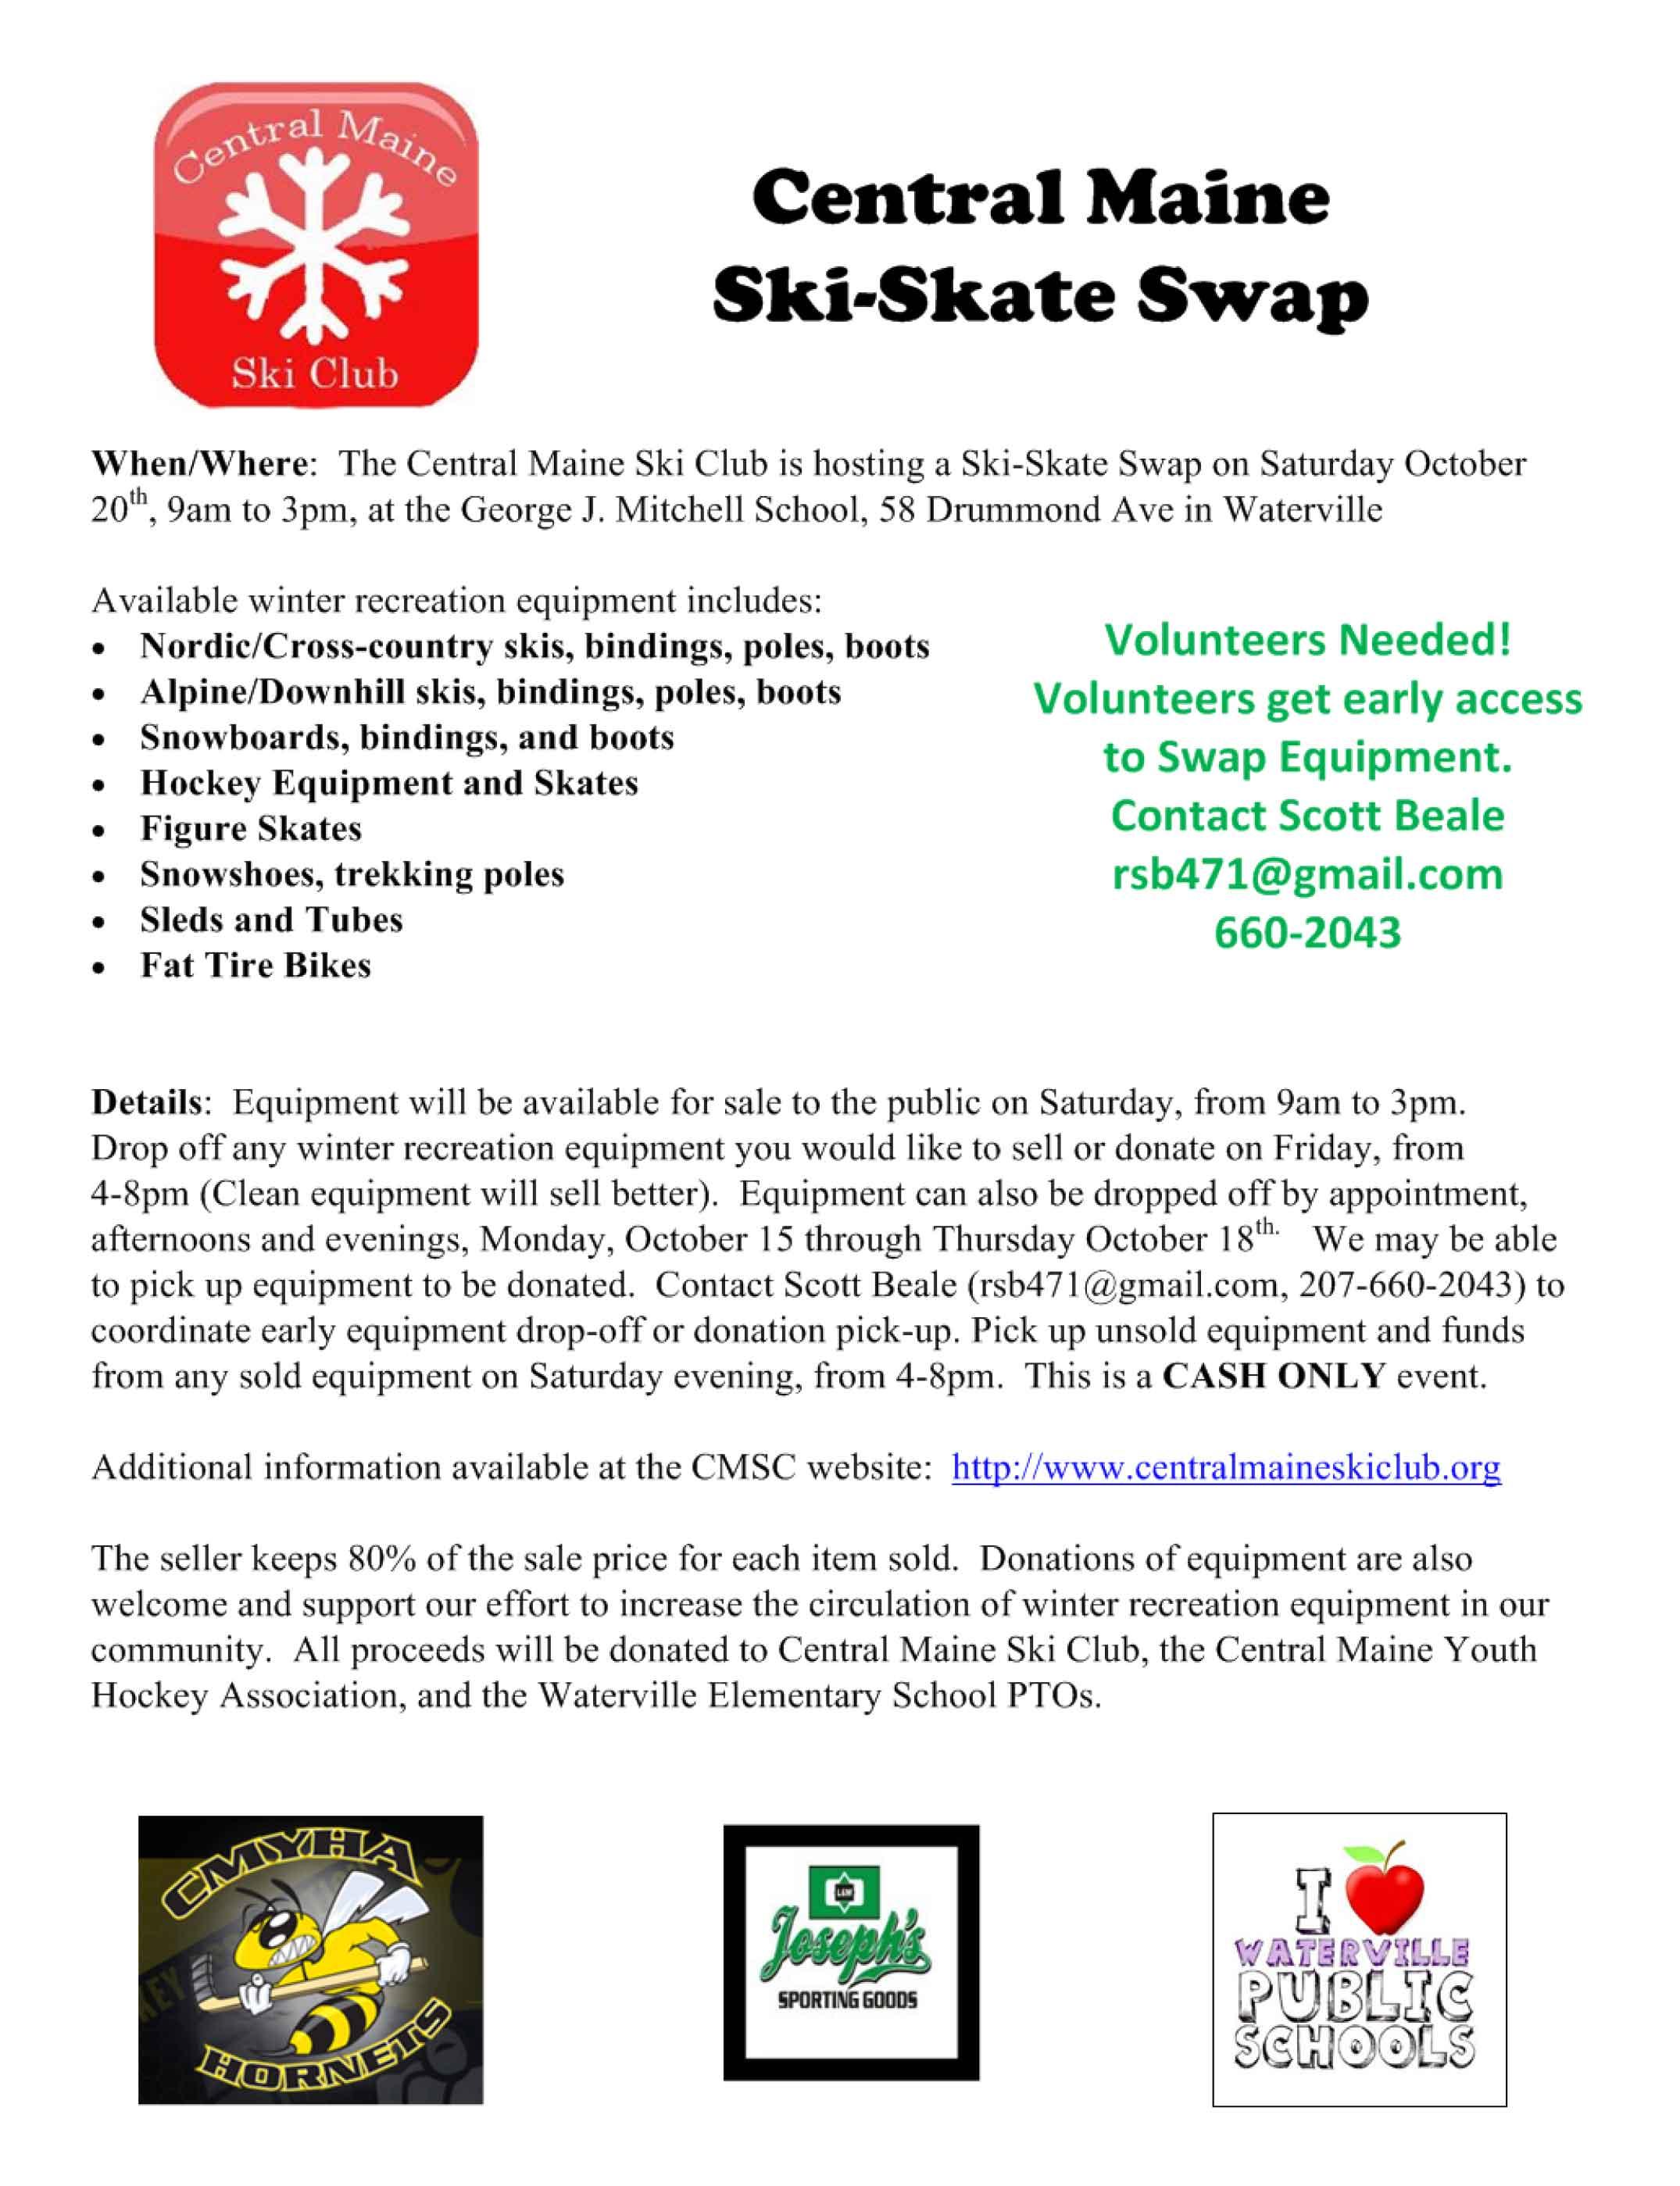 Ski-Swap-Information-Flyer-v4.jpg